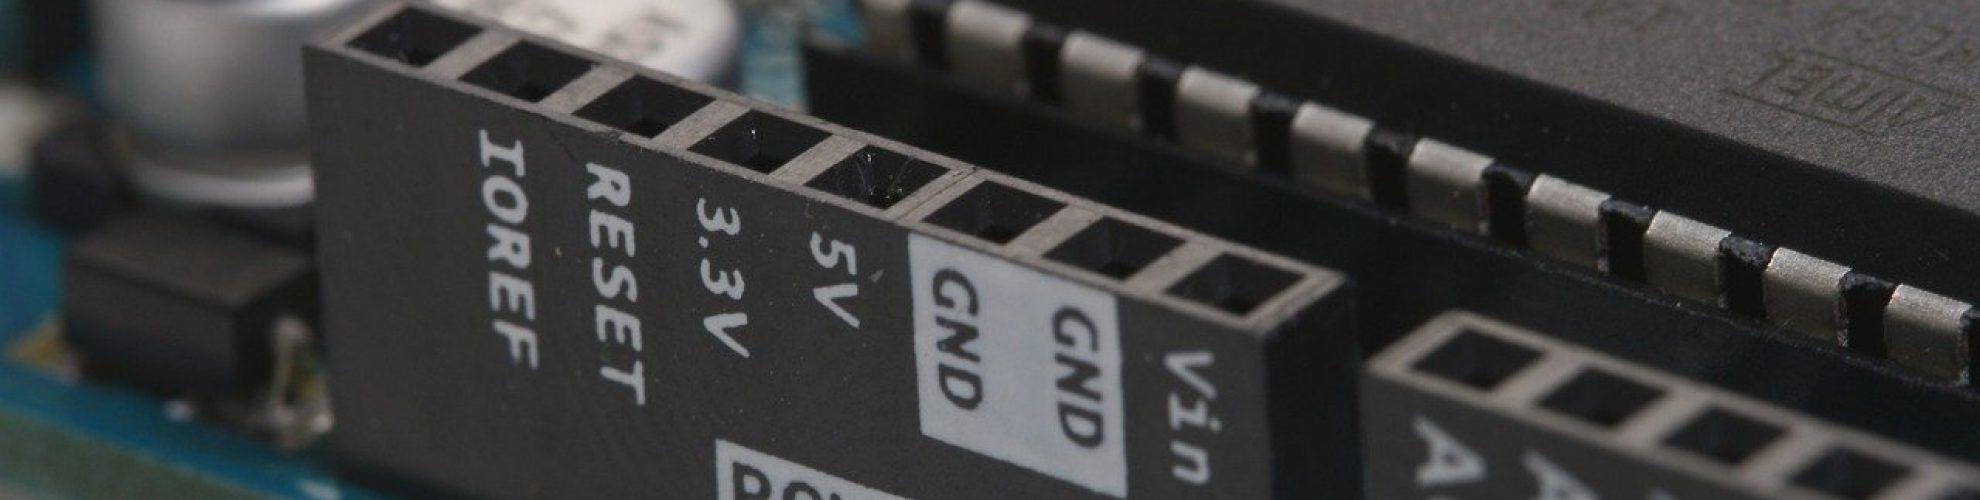 arduino, diy, microcontroller